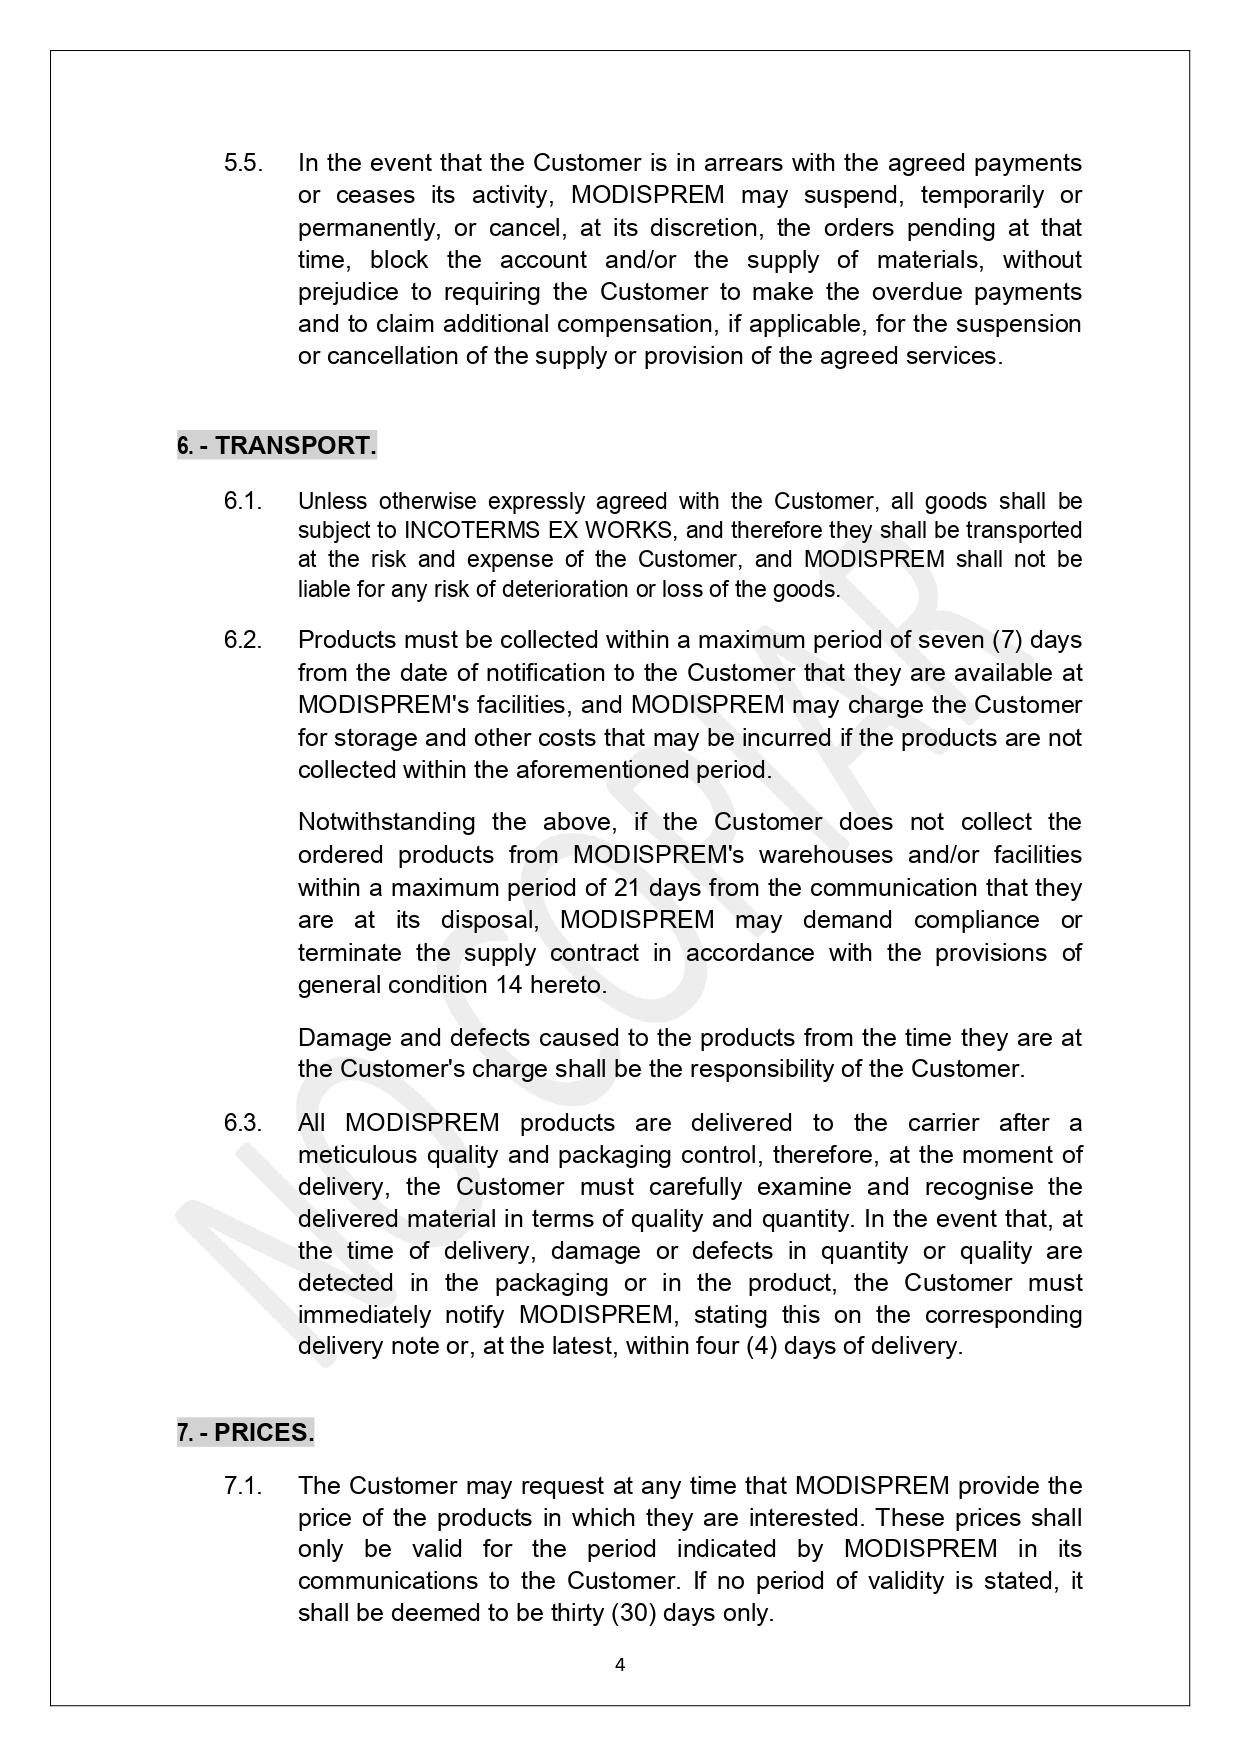 Condicions Generals de Venta EN pages to jpg 0004